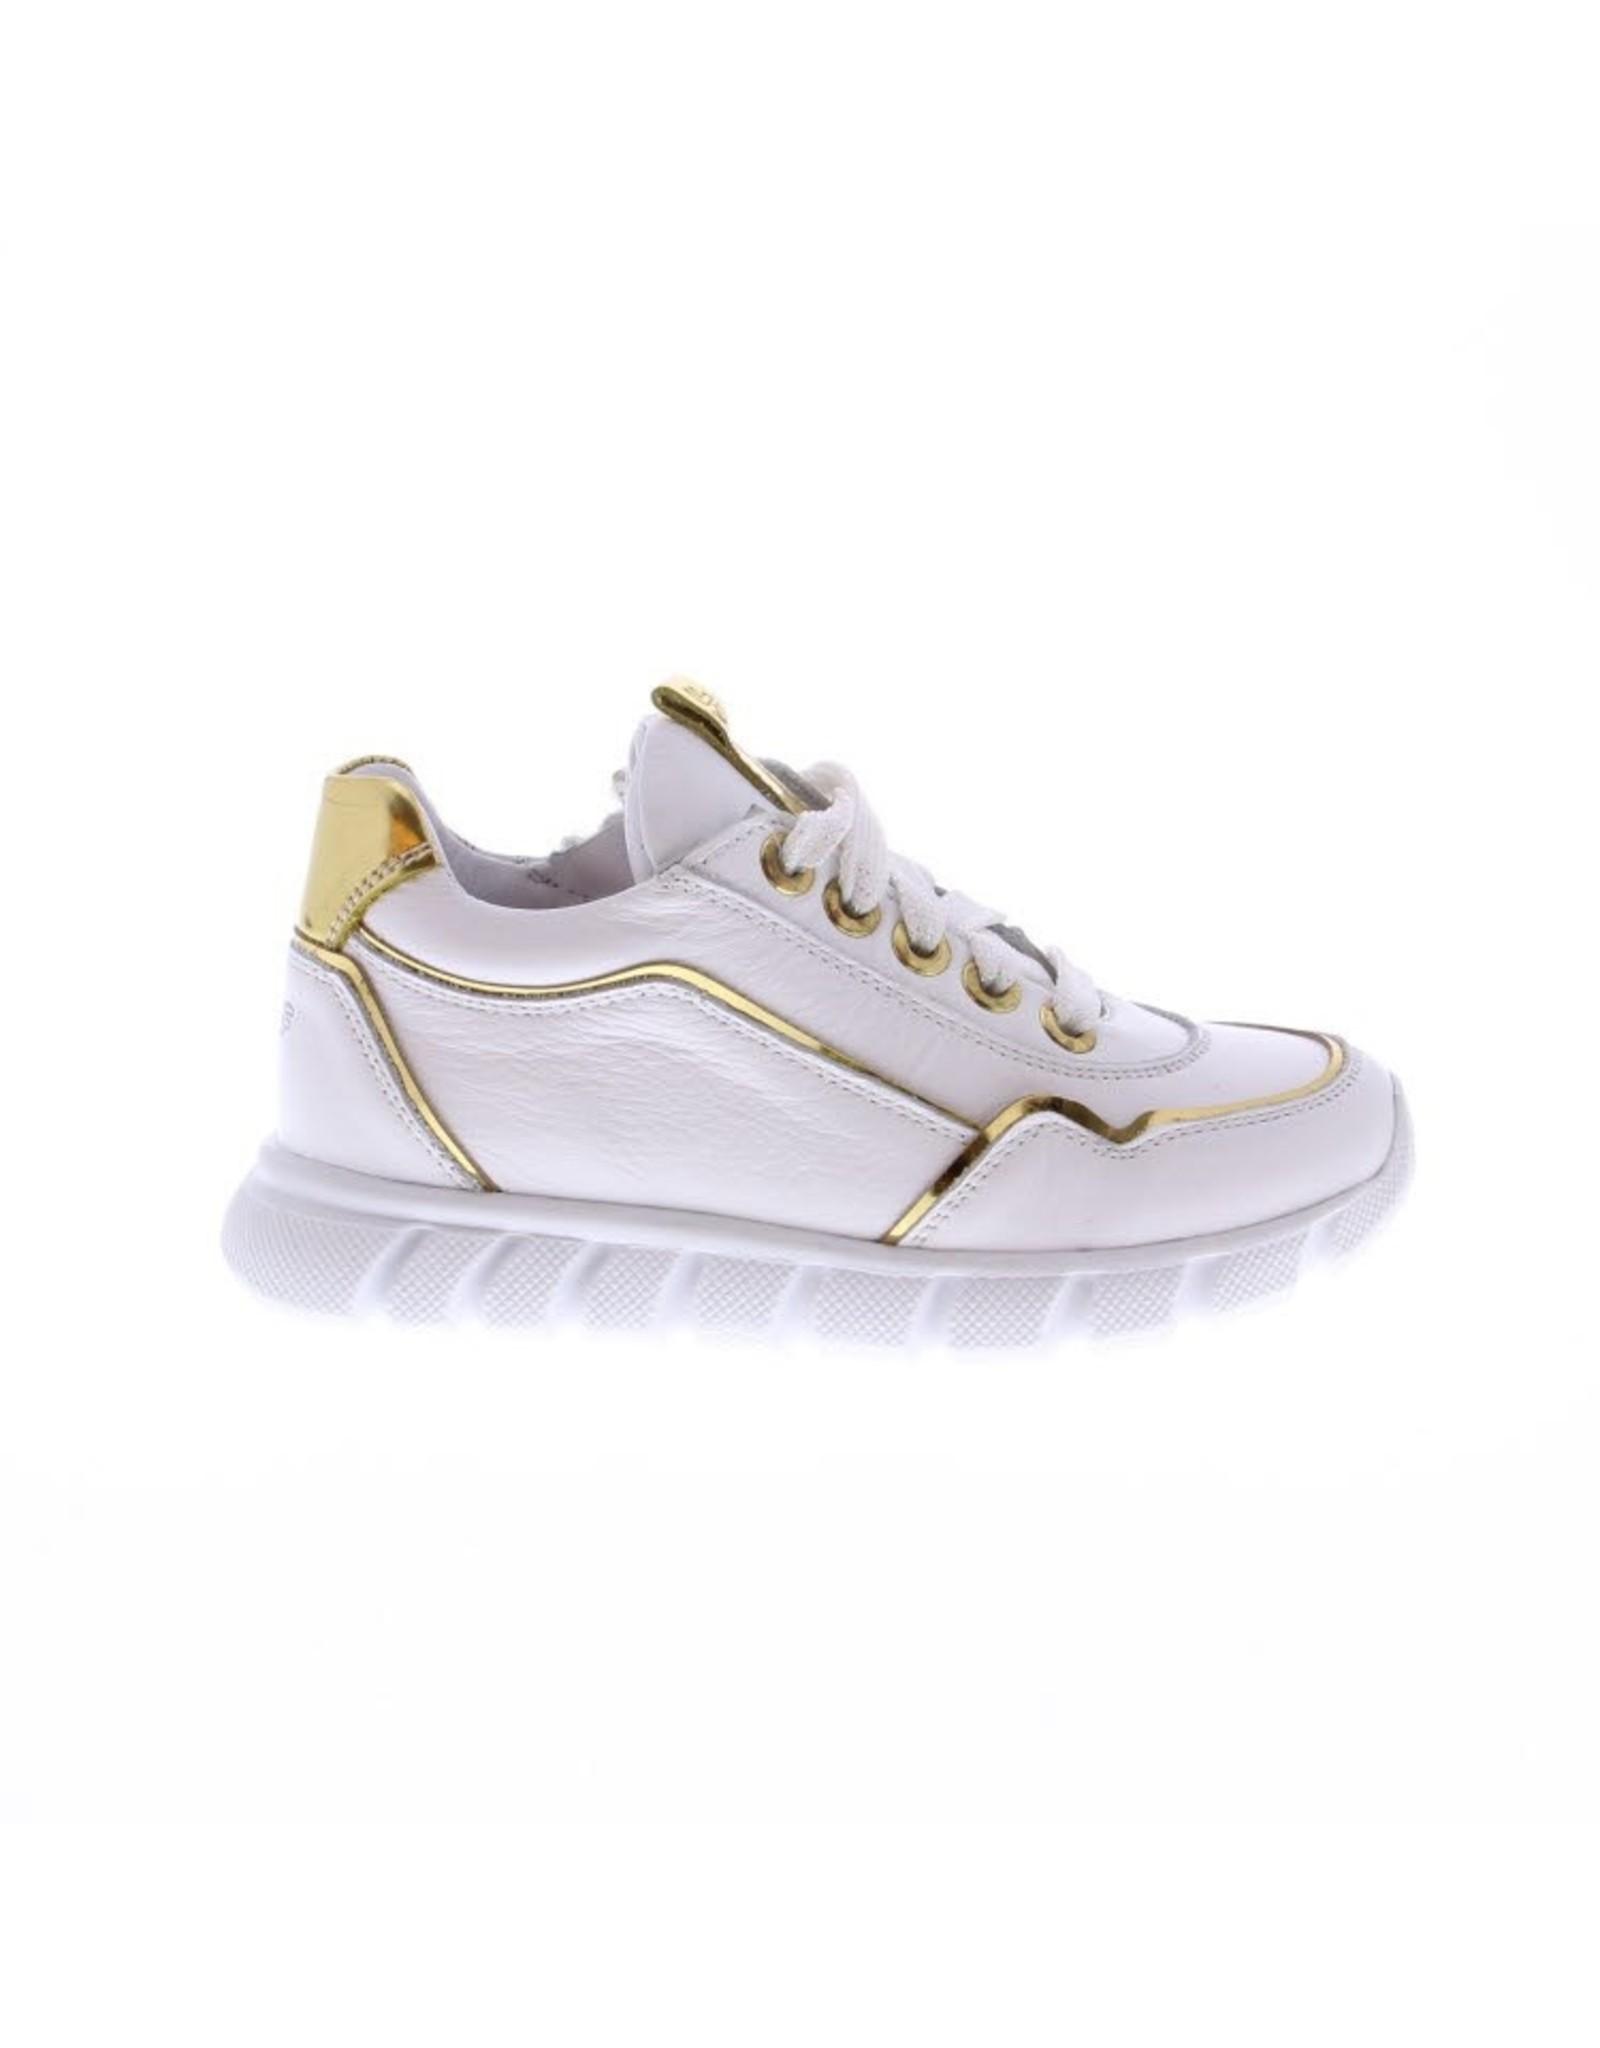 Jochie Jochie - Meisjessneaker White / Gold